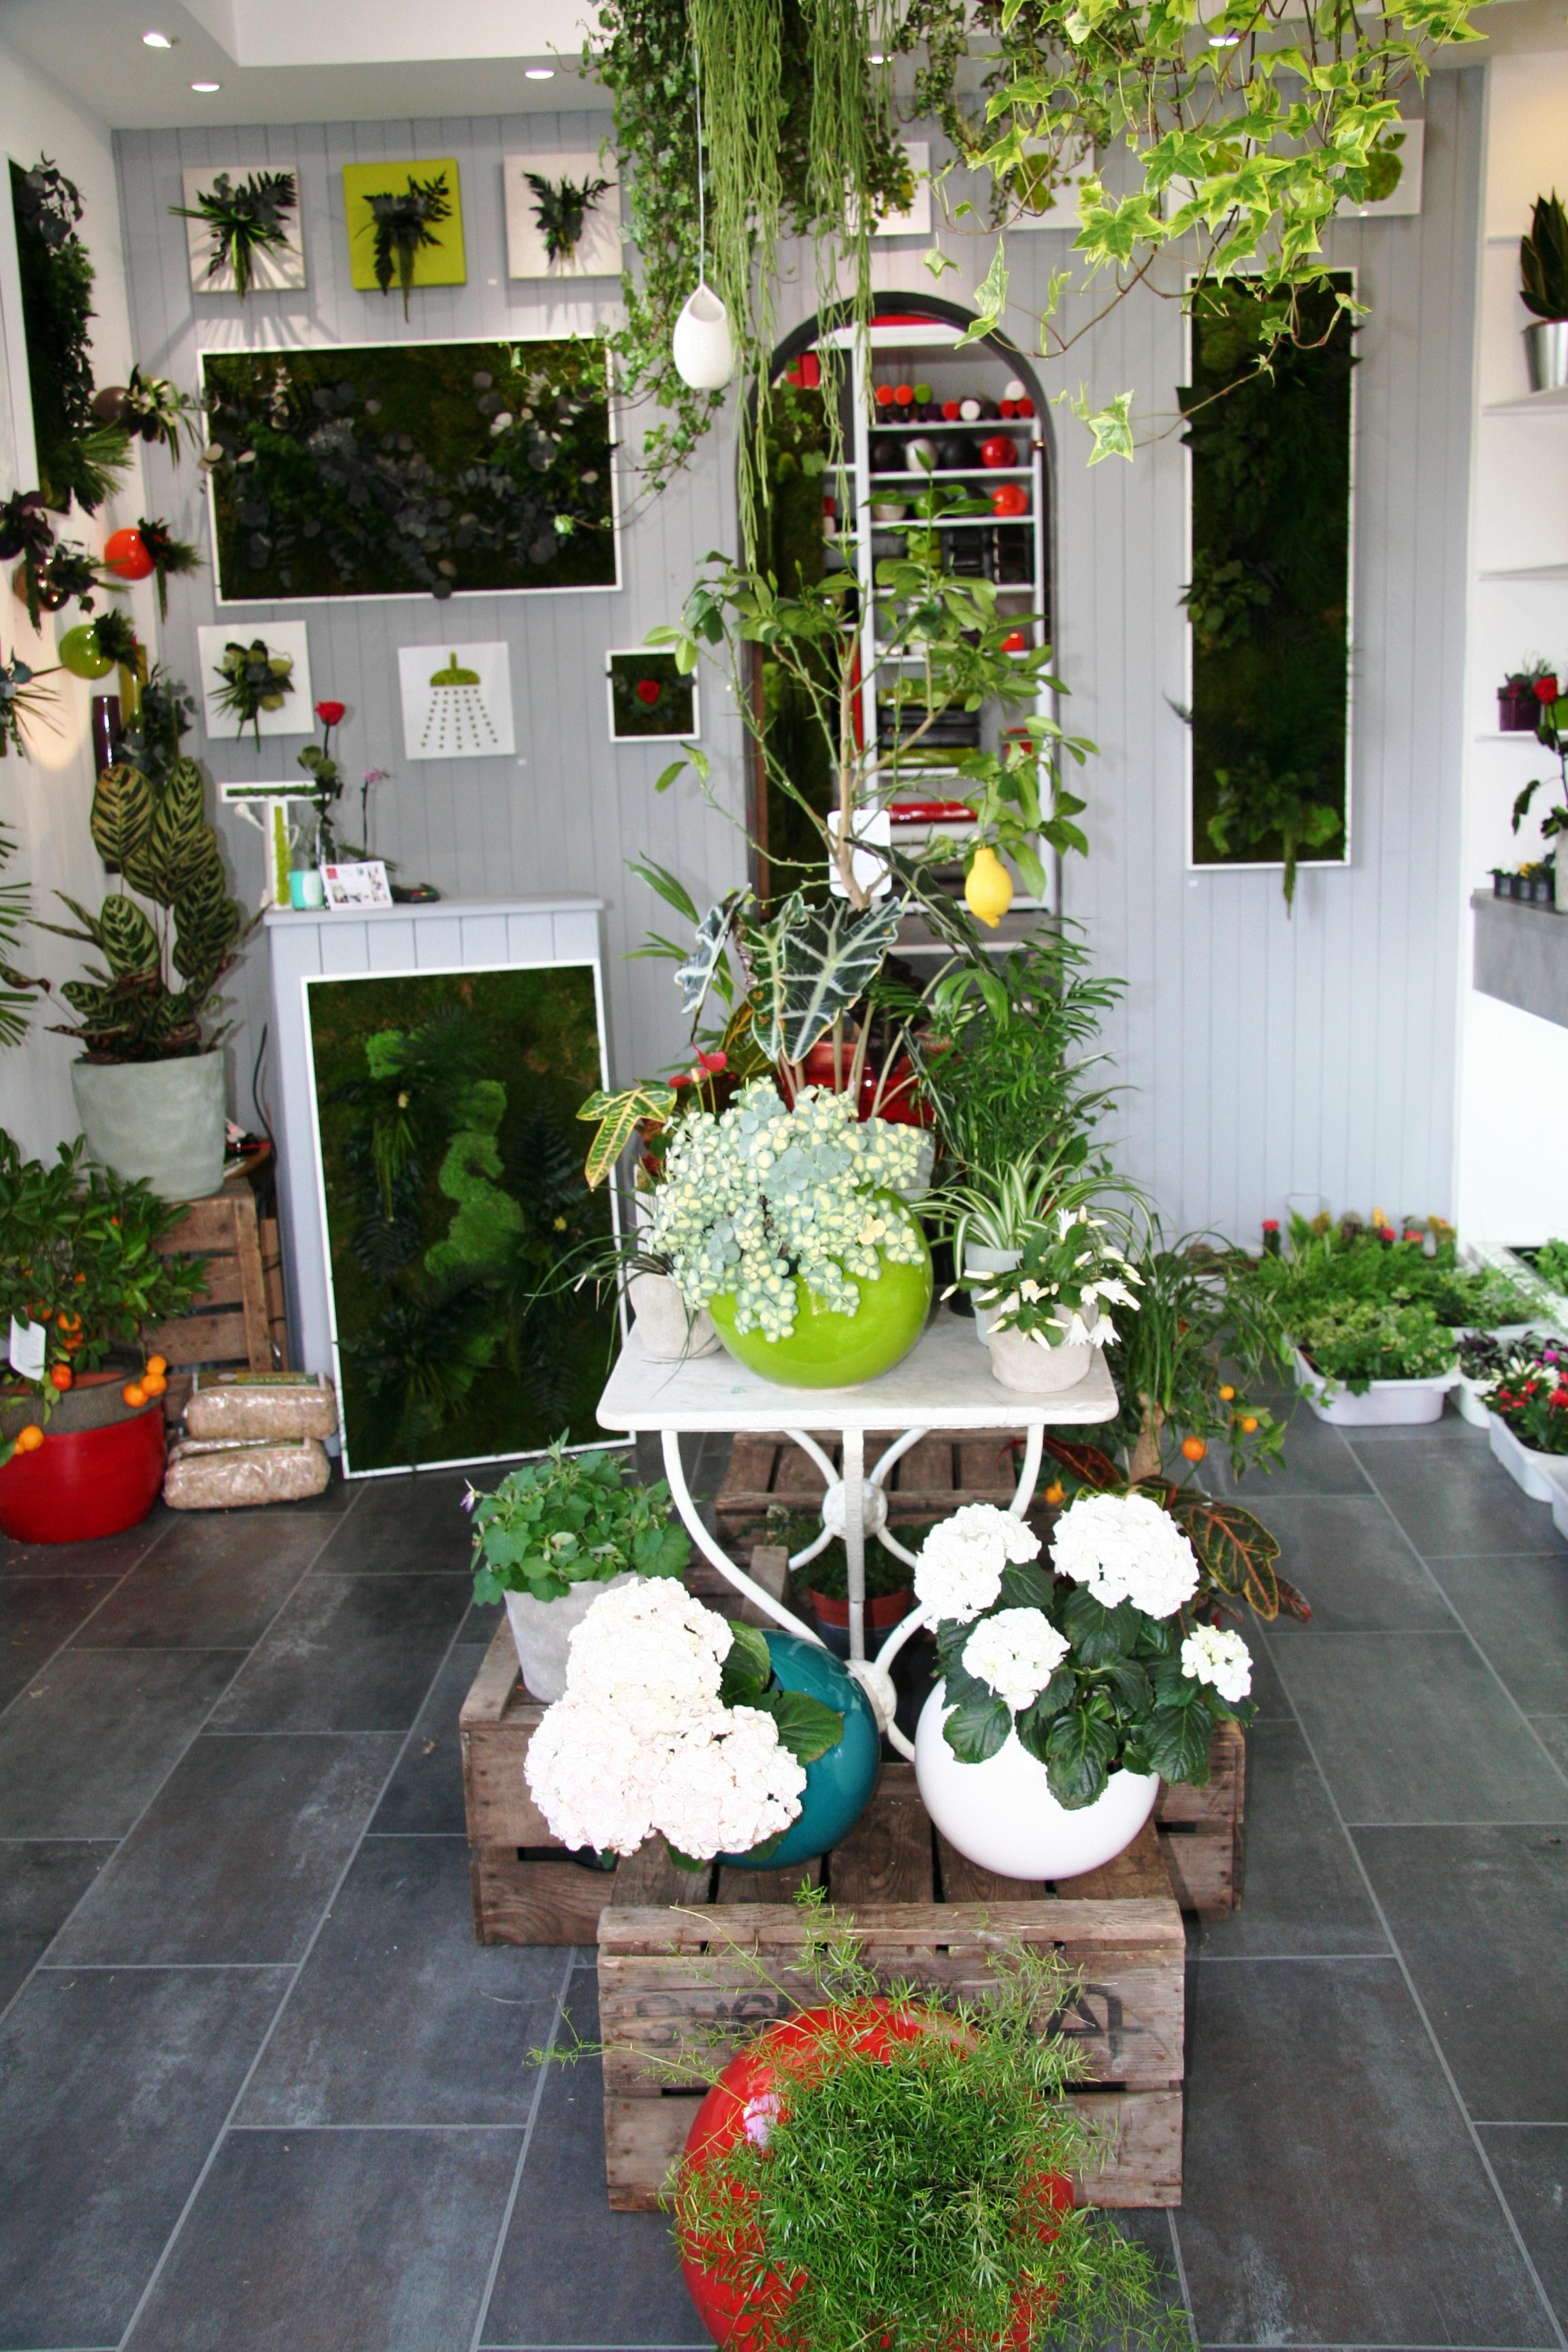 les jardins de to tableaux v g taux naturels et stabilis s sur marseille 6 me d coration. Black Bedroom Furniture Sets. Home Design Ideas